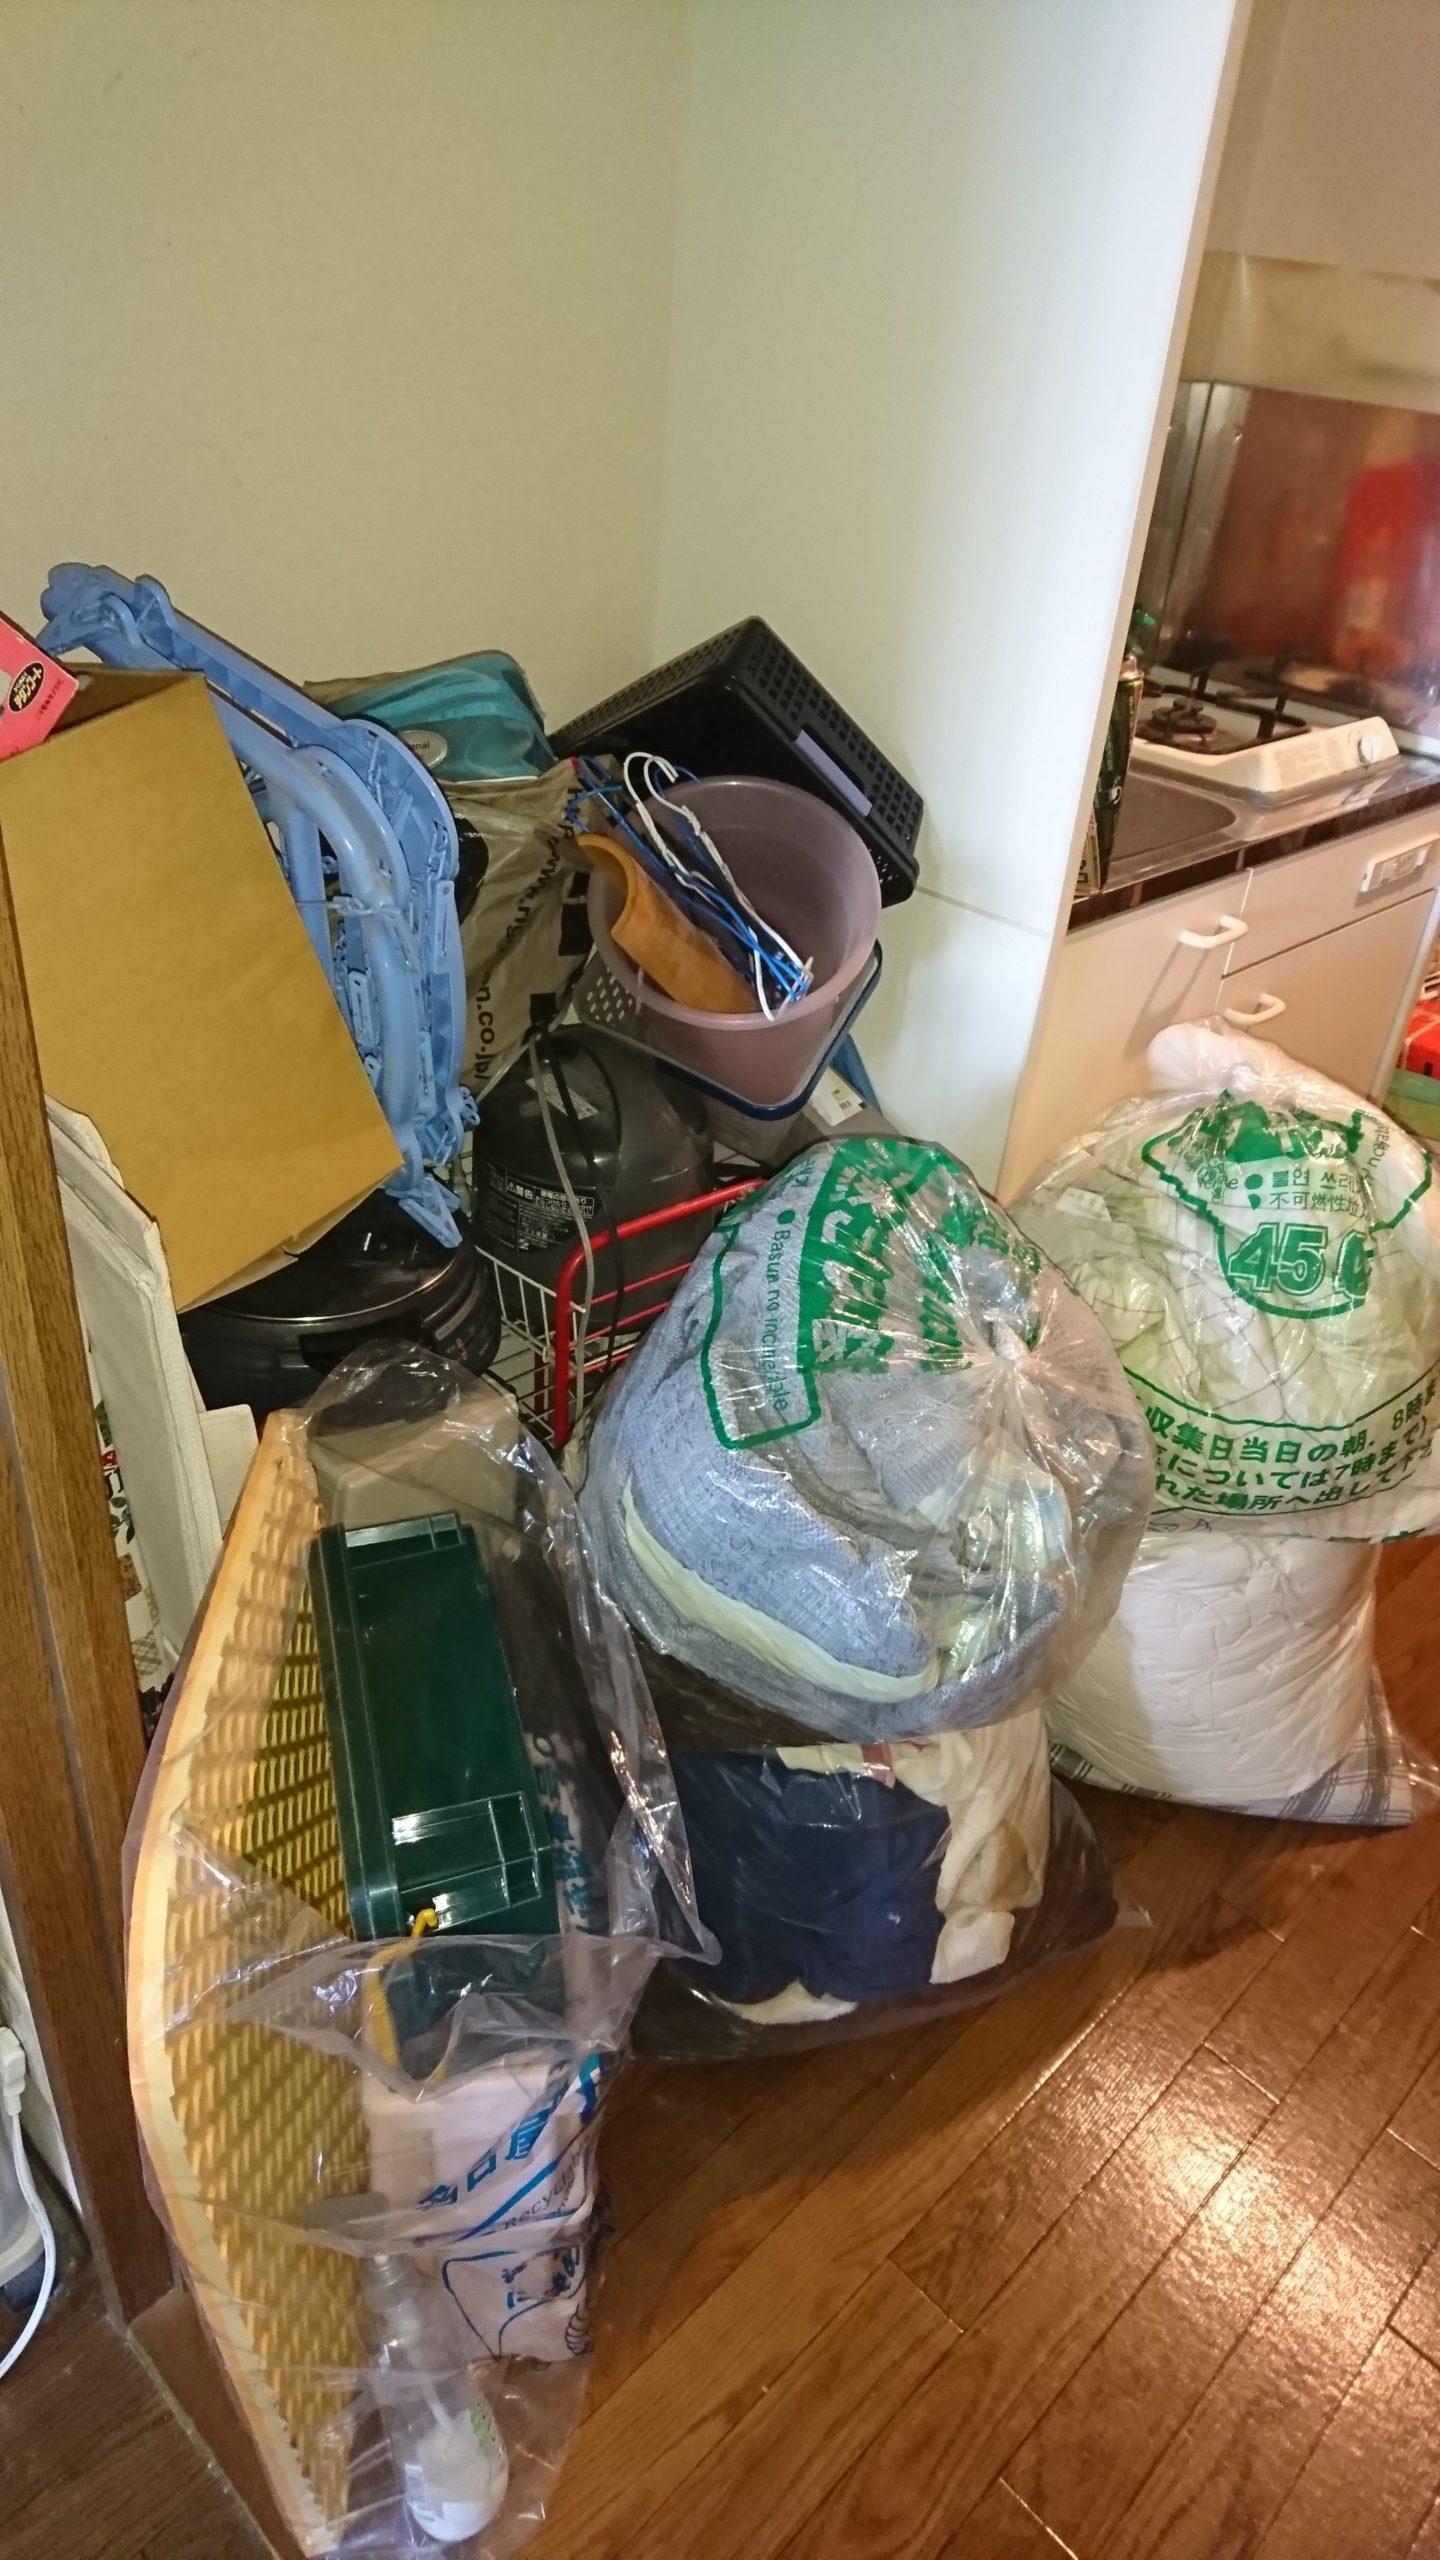 【愛知県名古屋市南区】生活不用品の出張回収